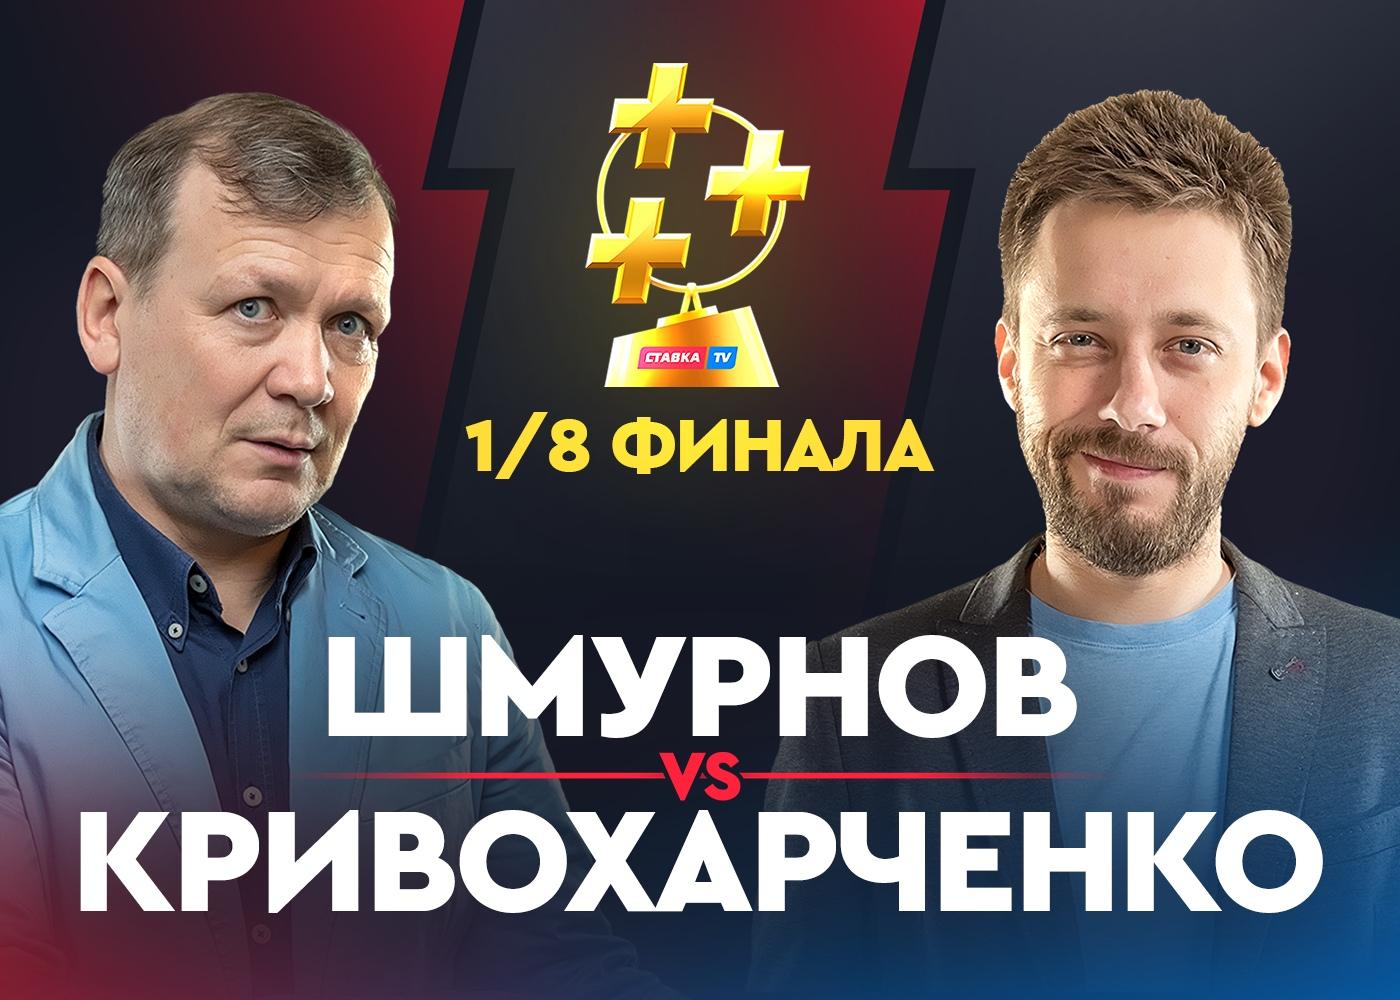 Шмурнов vs Кривохарченко. Дерби комментаторов в Кубке прогнозистов Рунета